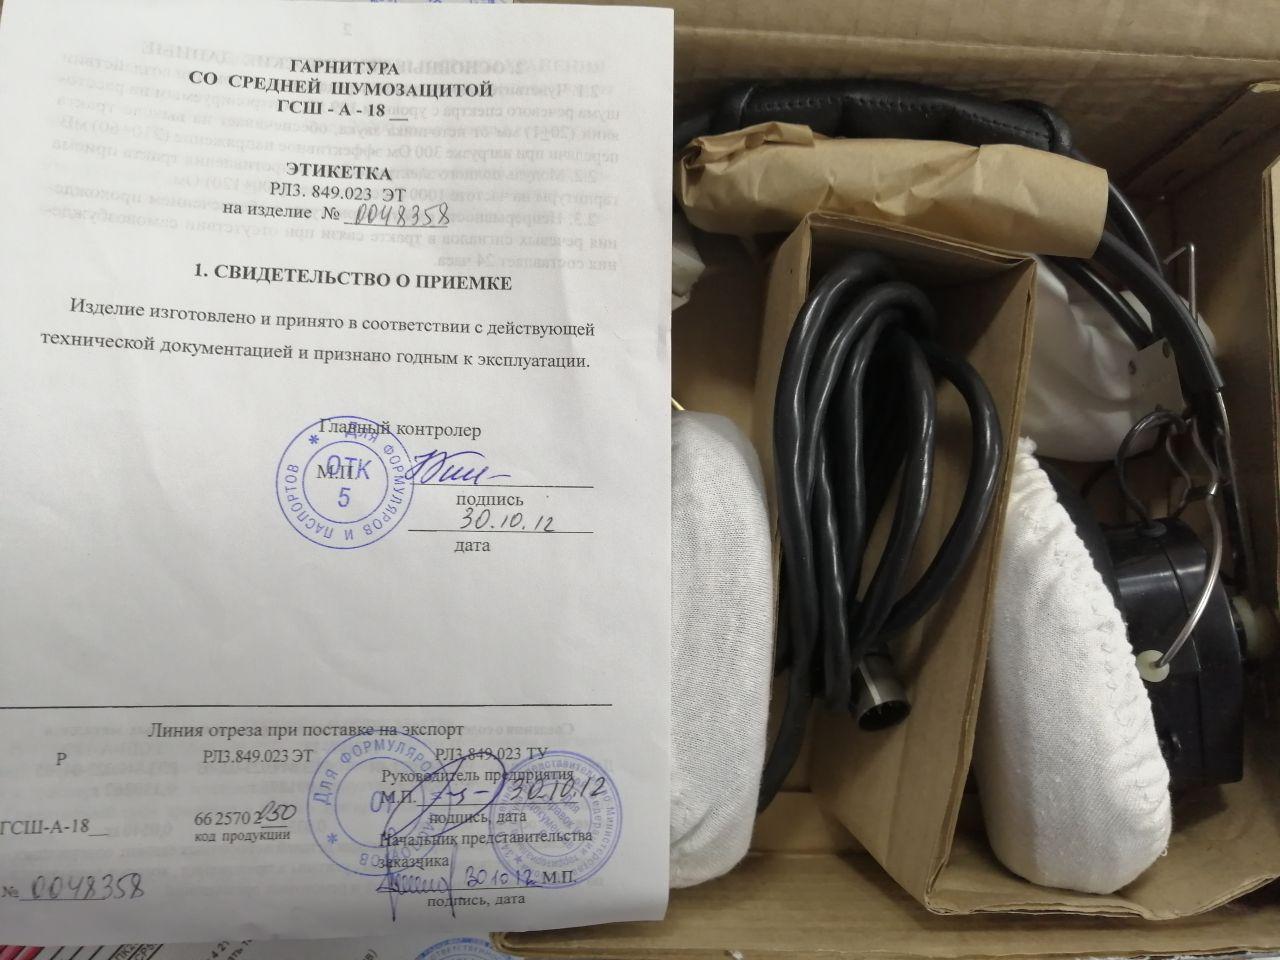 Продаем ГСШ-А-18